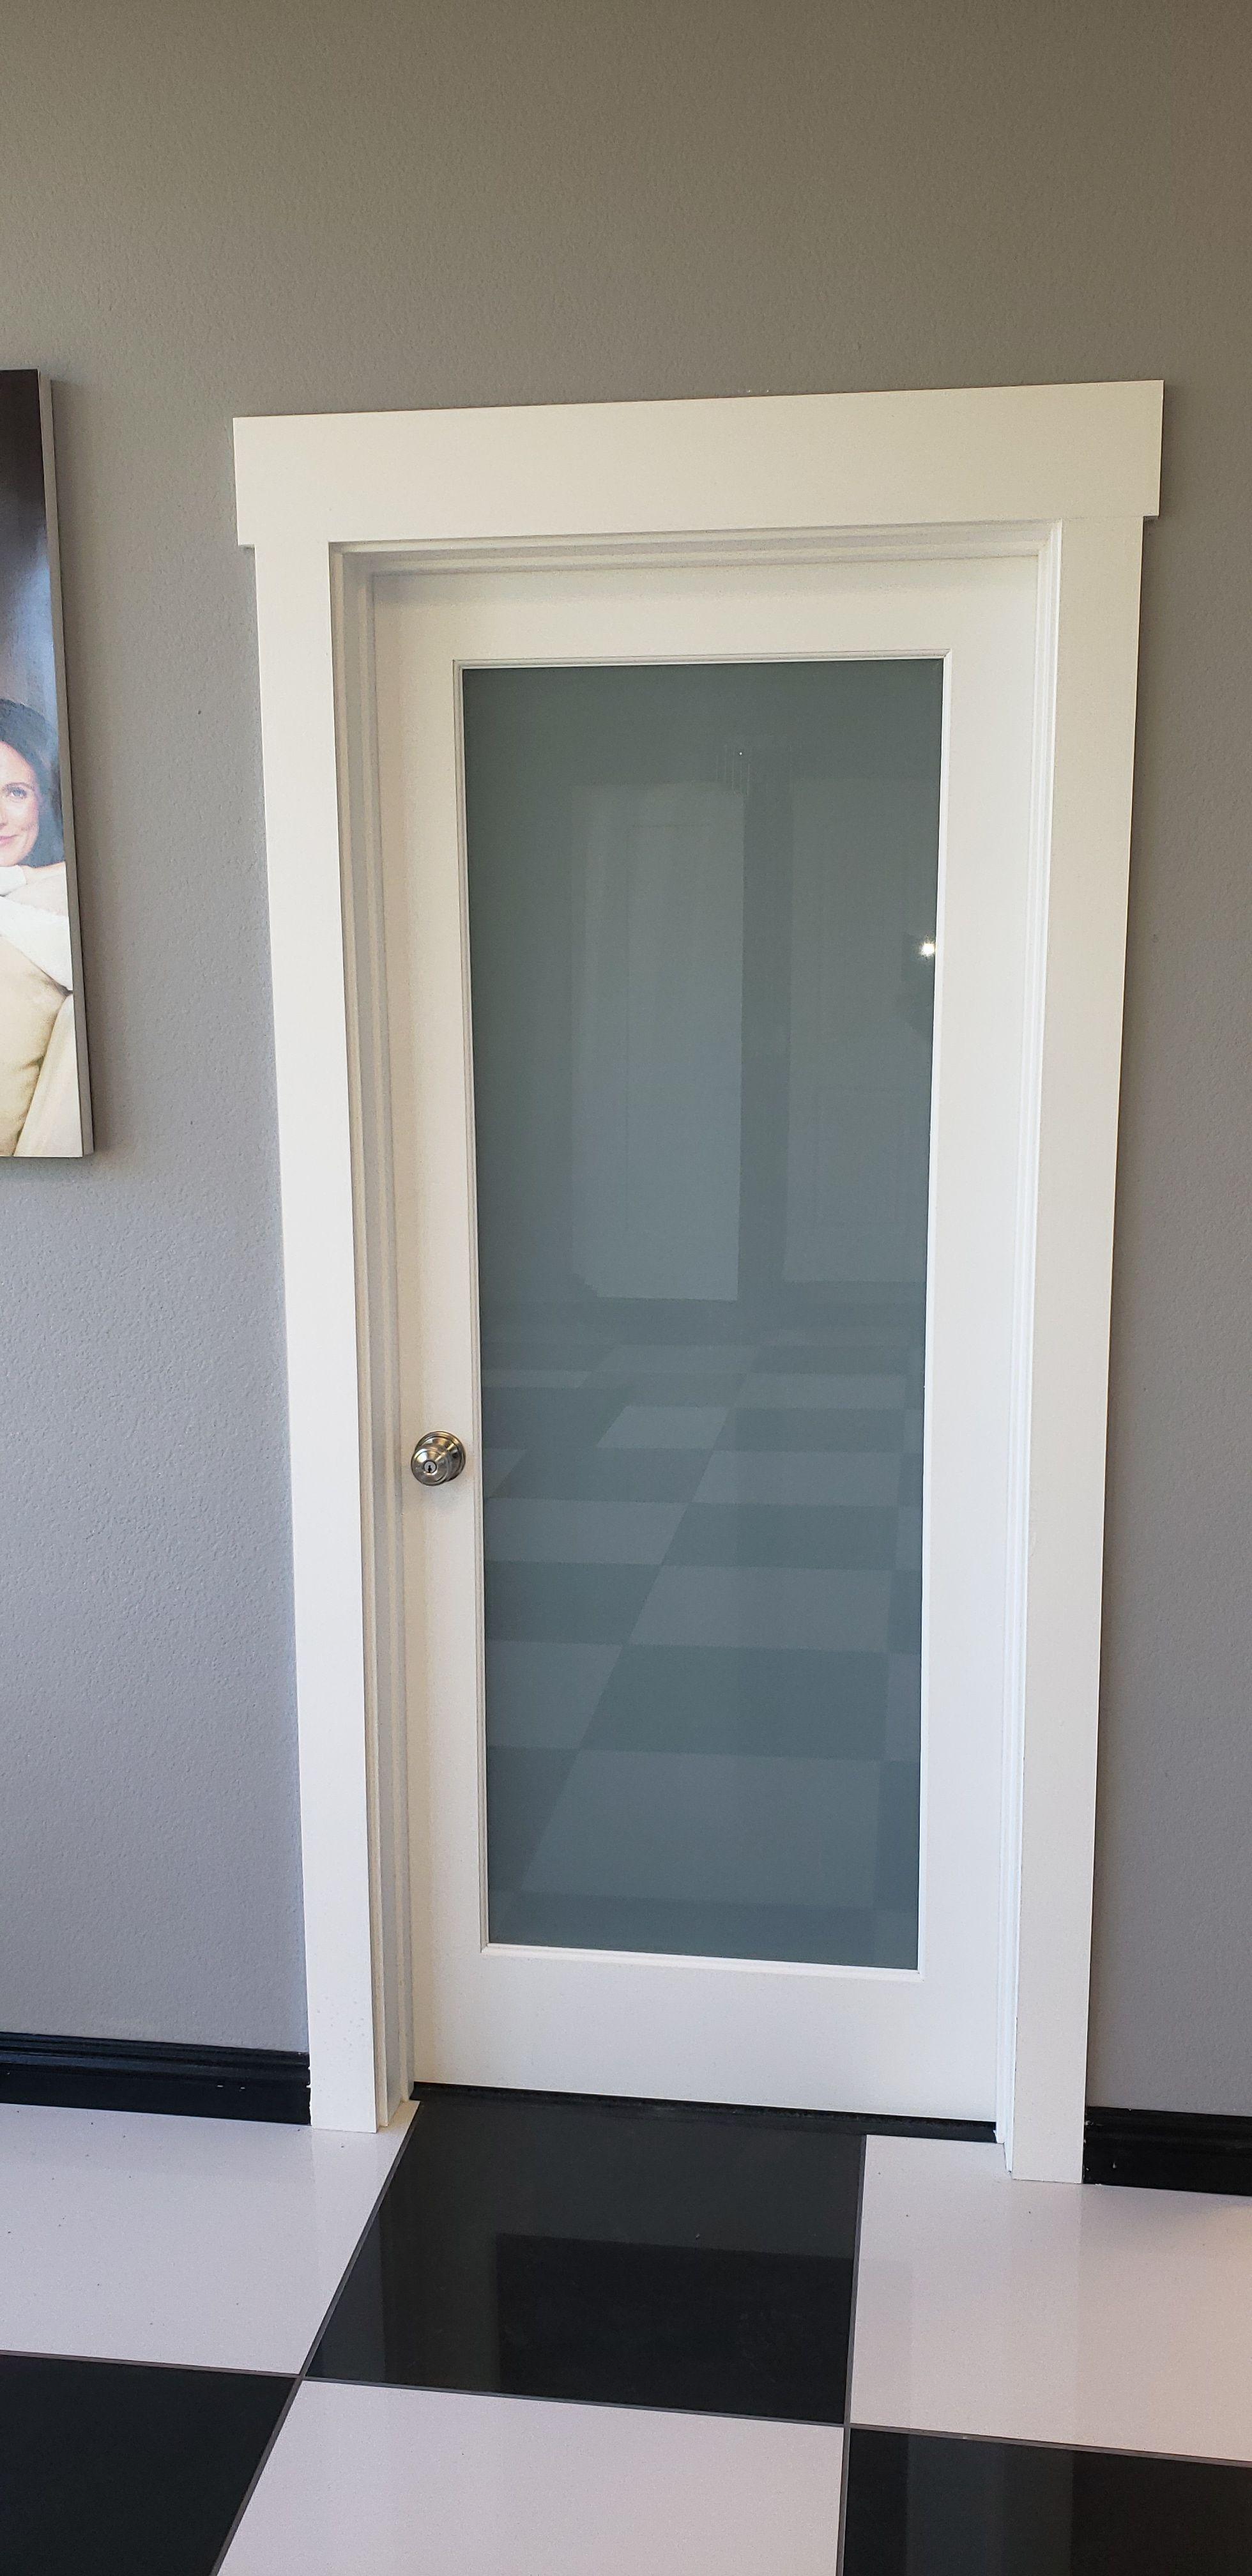 Glass Interior Doors In 2020 Interior Door Styles Glass Doors Interior Wood Doors